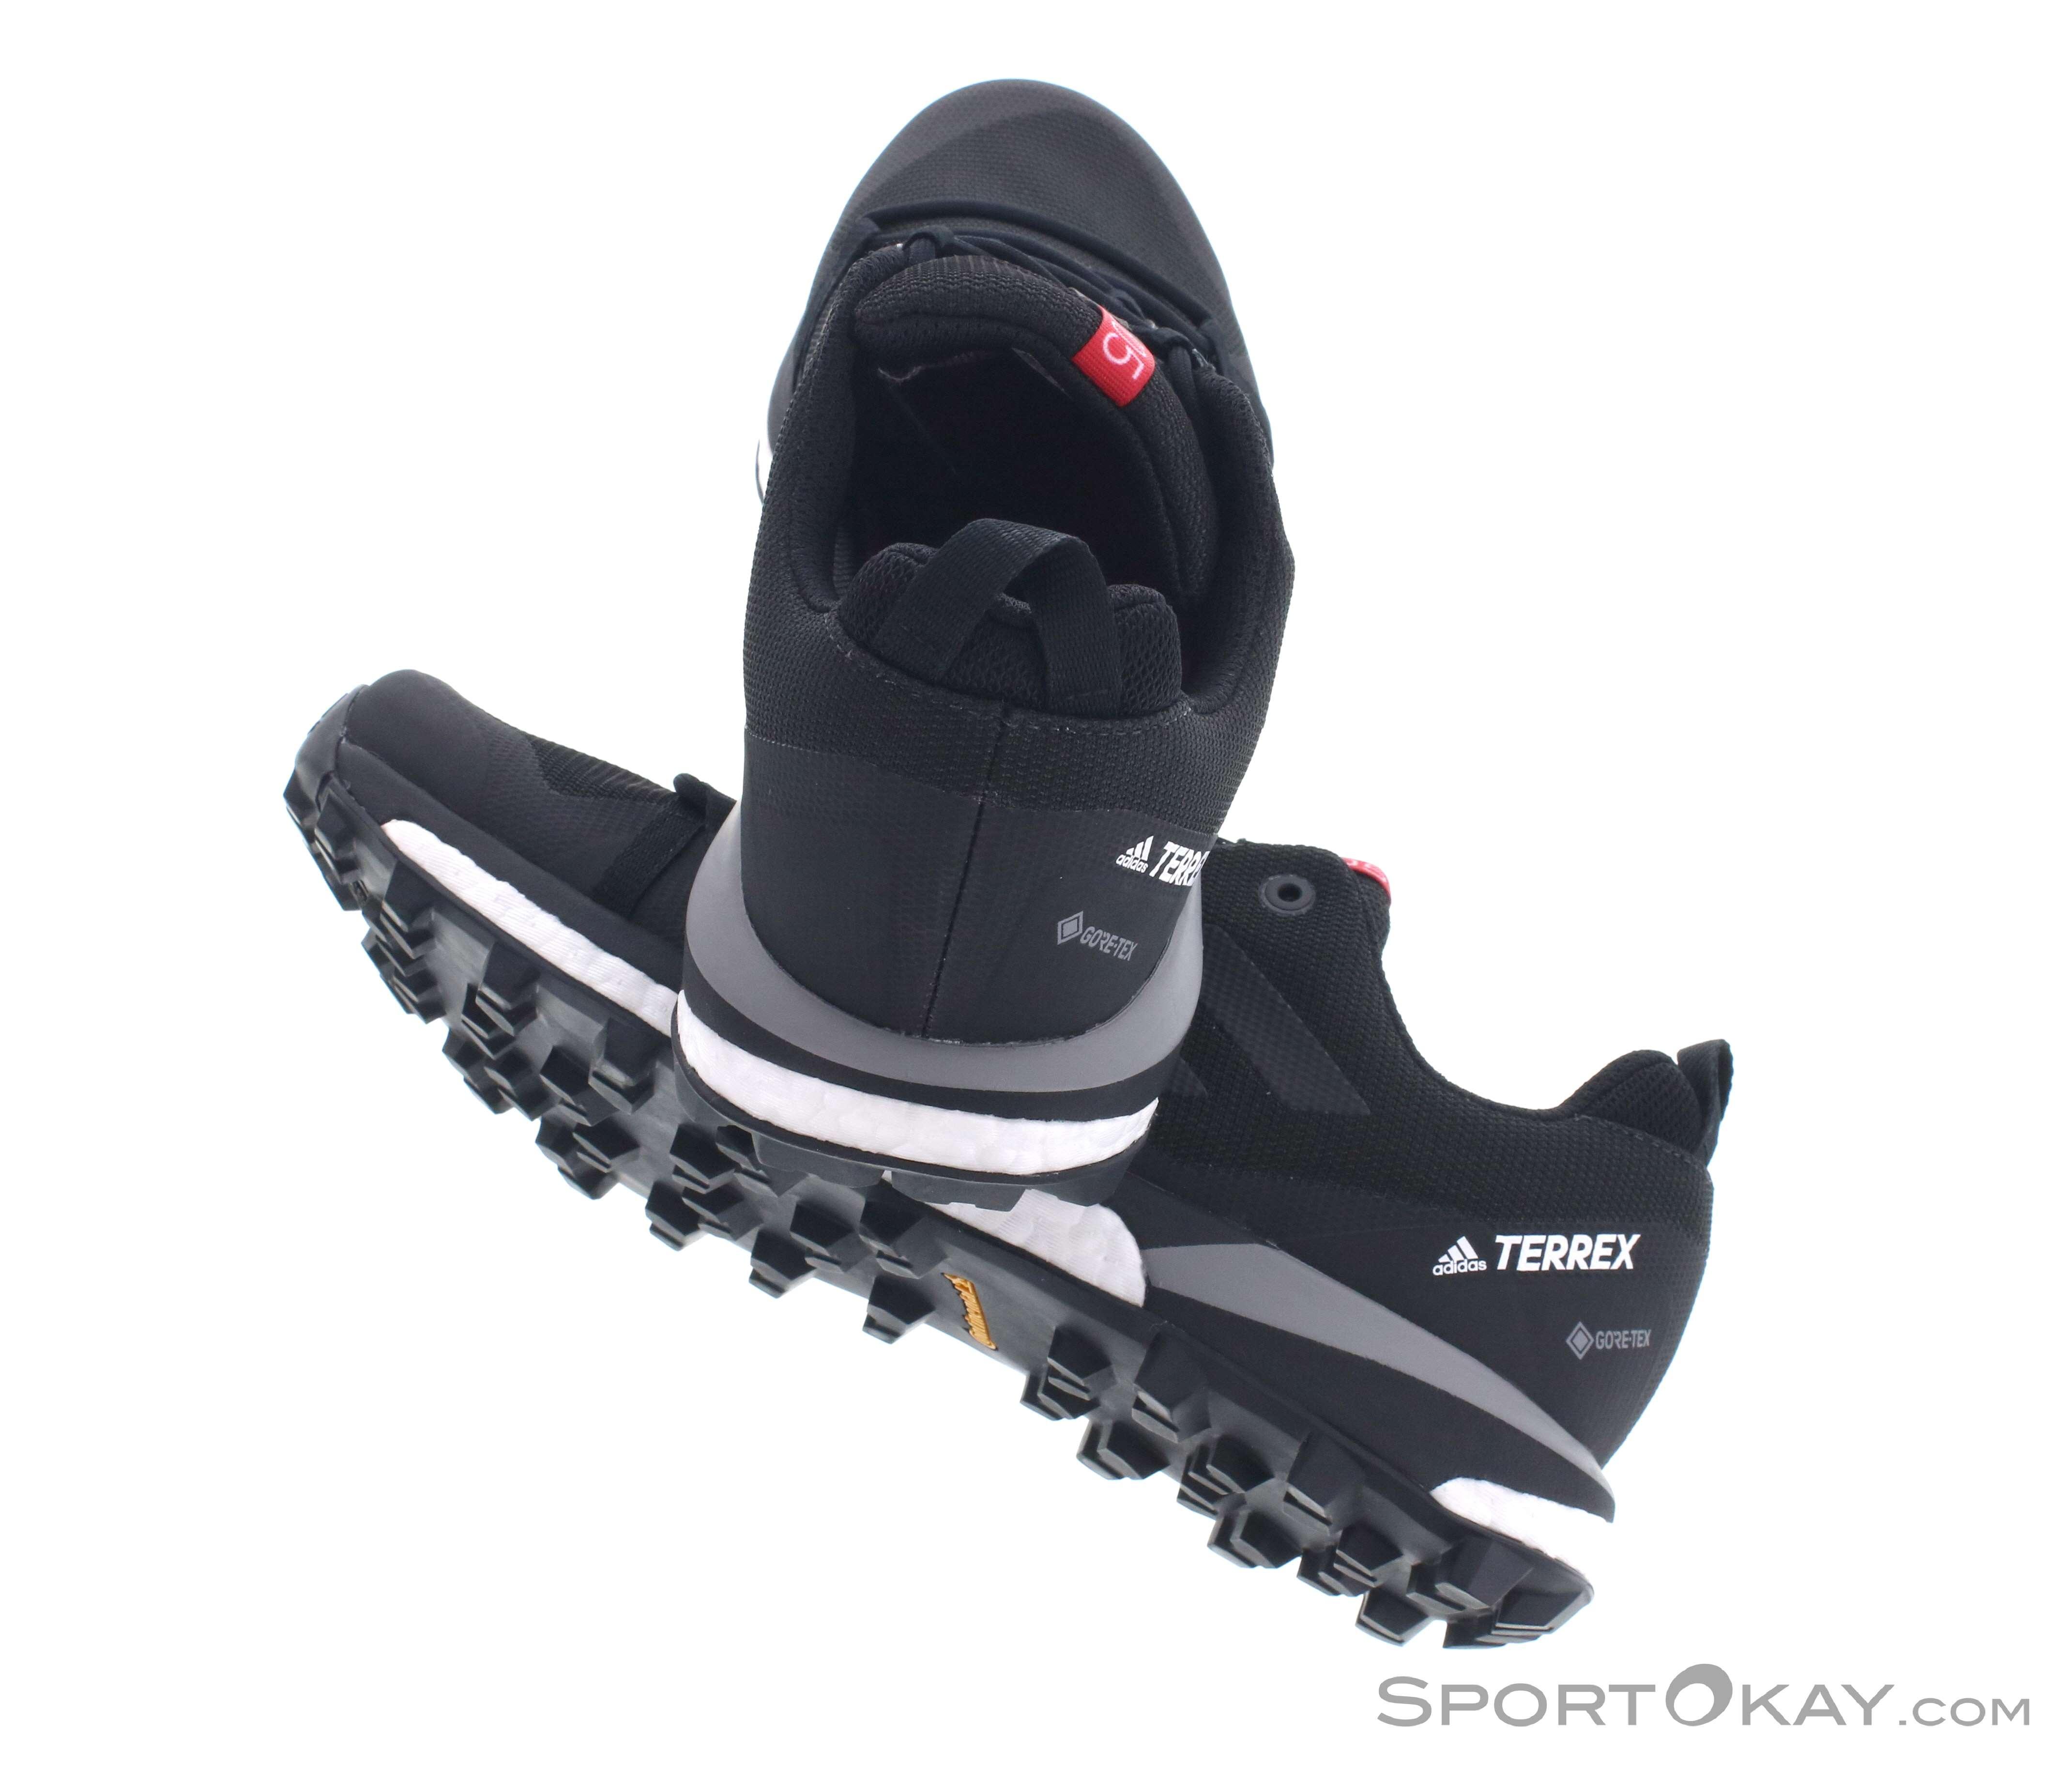 quality design d5203 283c4 adidas Terrex Skychaser LT GTX Damen Trekkingschuhe, adidas, Schwarz, ,  Damen, 0002